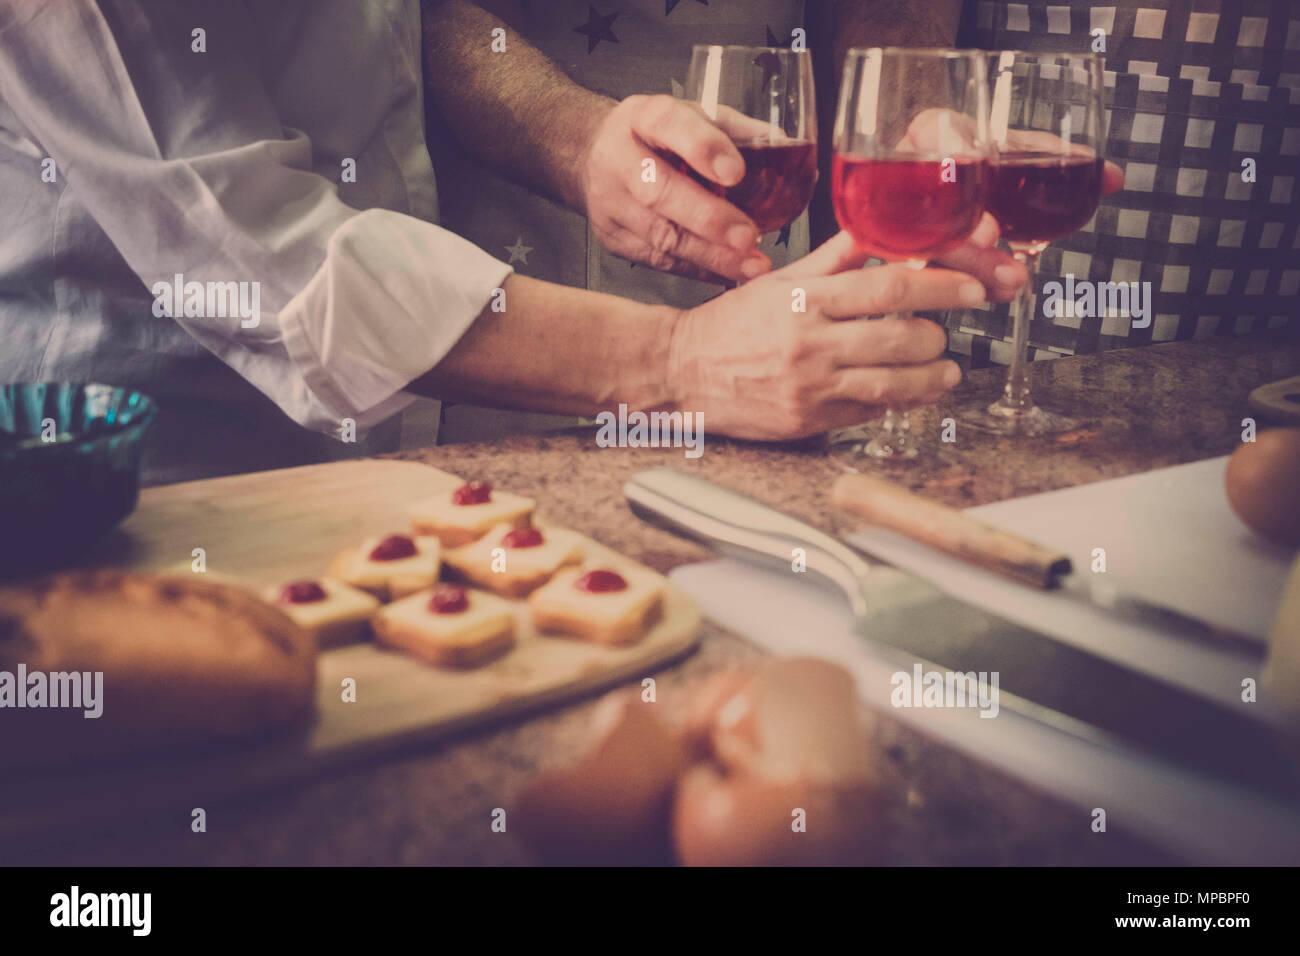 Vintage Filter für einen Cocktail home Szene mit drei Händen aus zwei Männer und eine Frau zu Hause. Heimische Szene der üblichen Leben für eine schöne Zeit zusammen. Stockbild